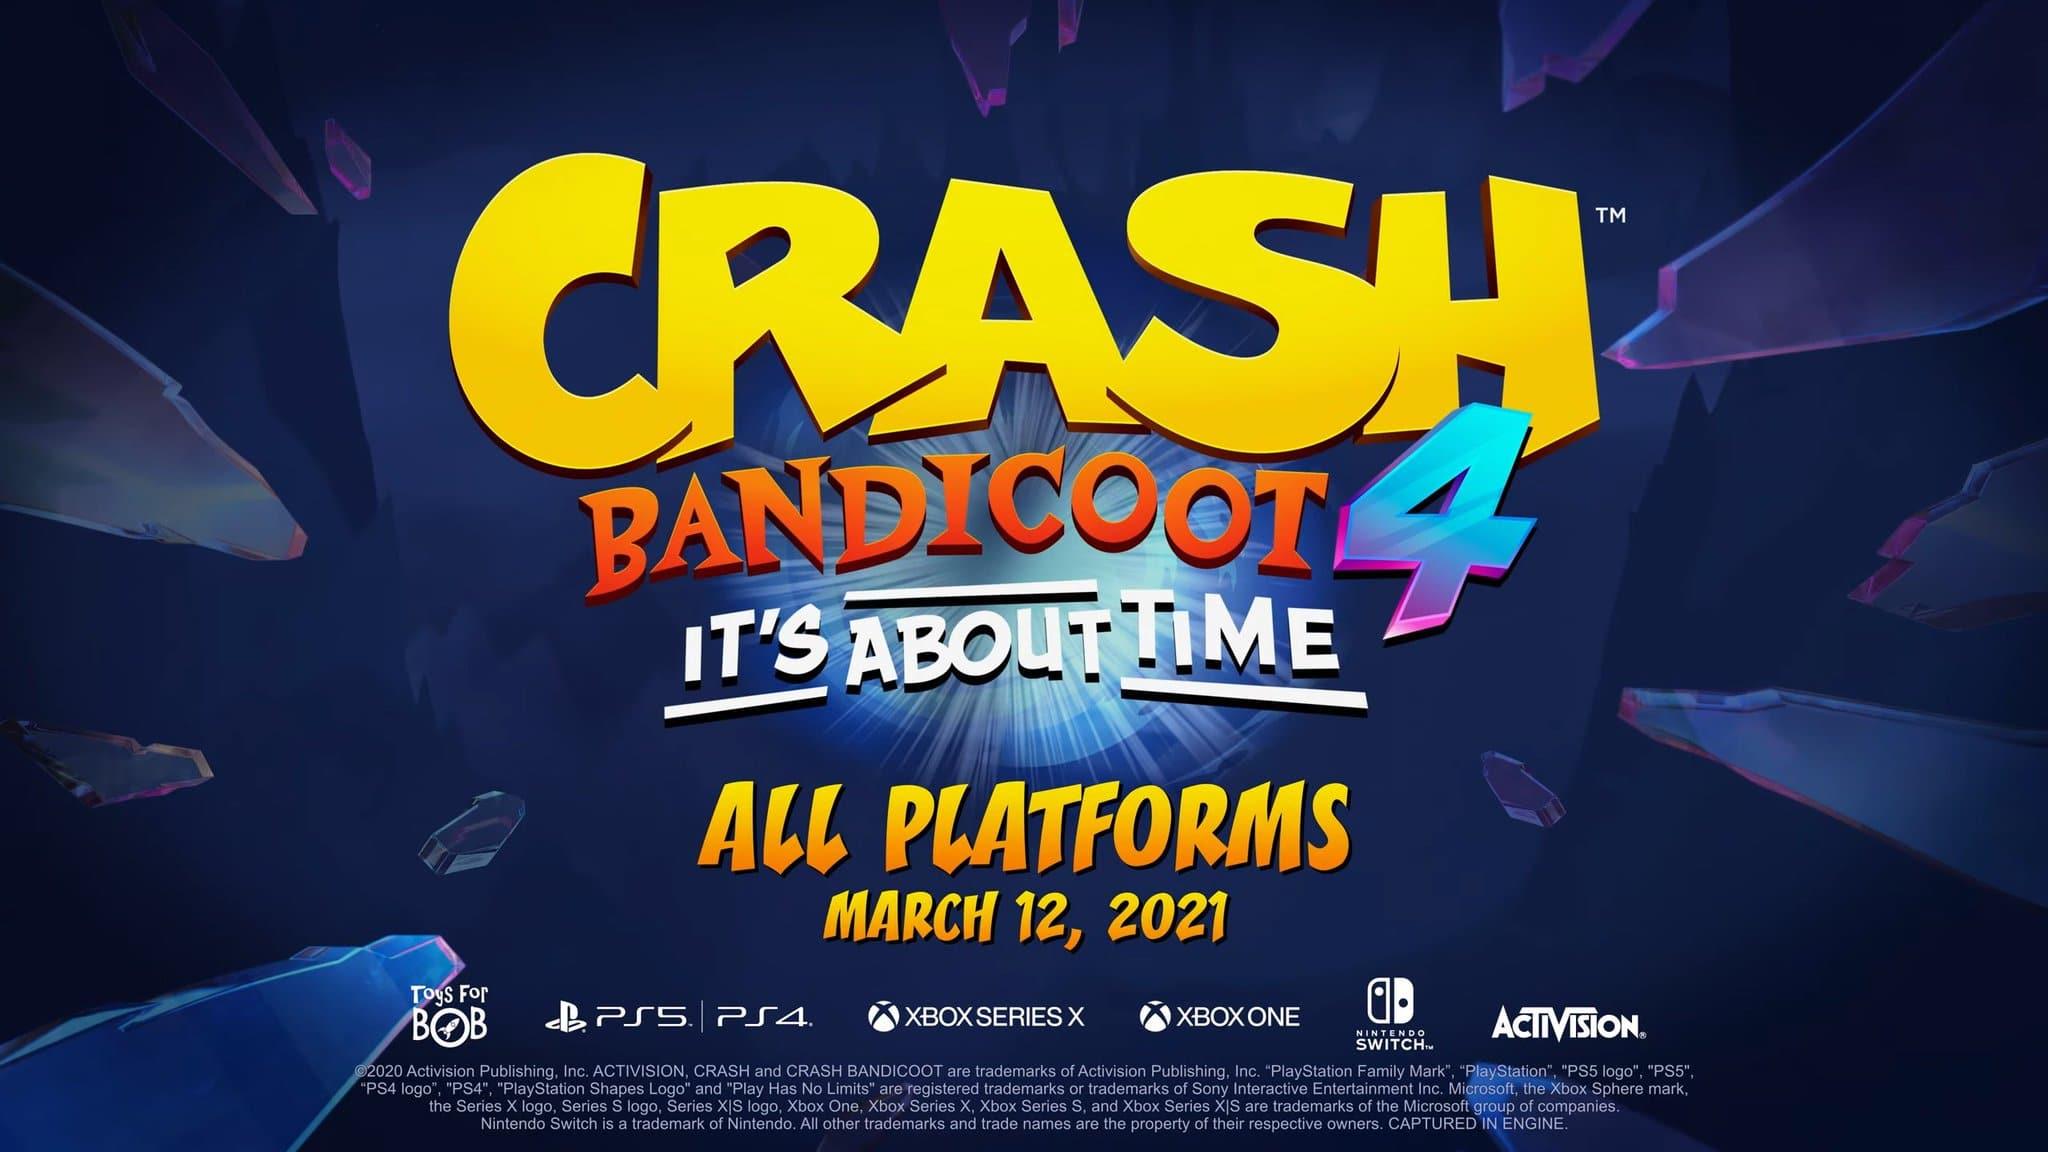 Crash Bandicoot 4: It's About Time queda confirmado para el 12 de marzo en Nintendo Switch con este tráiler